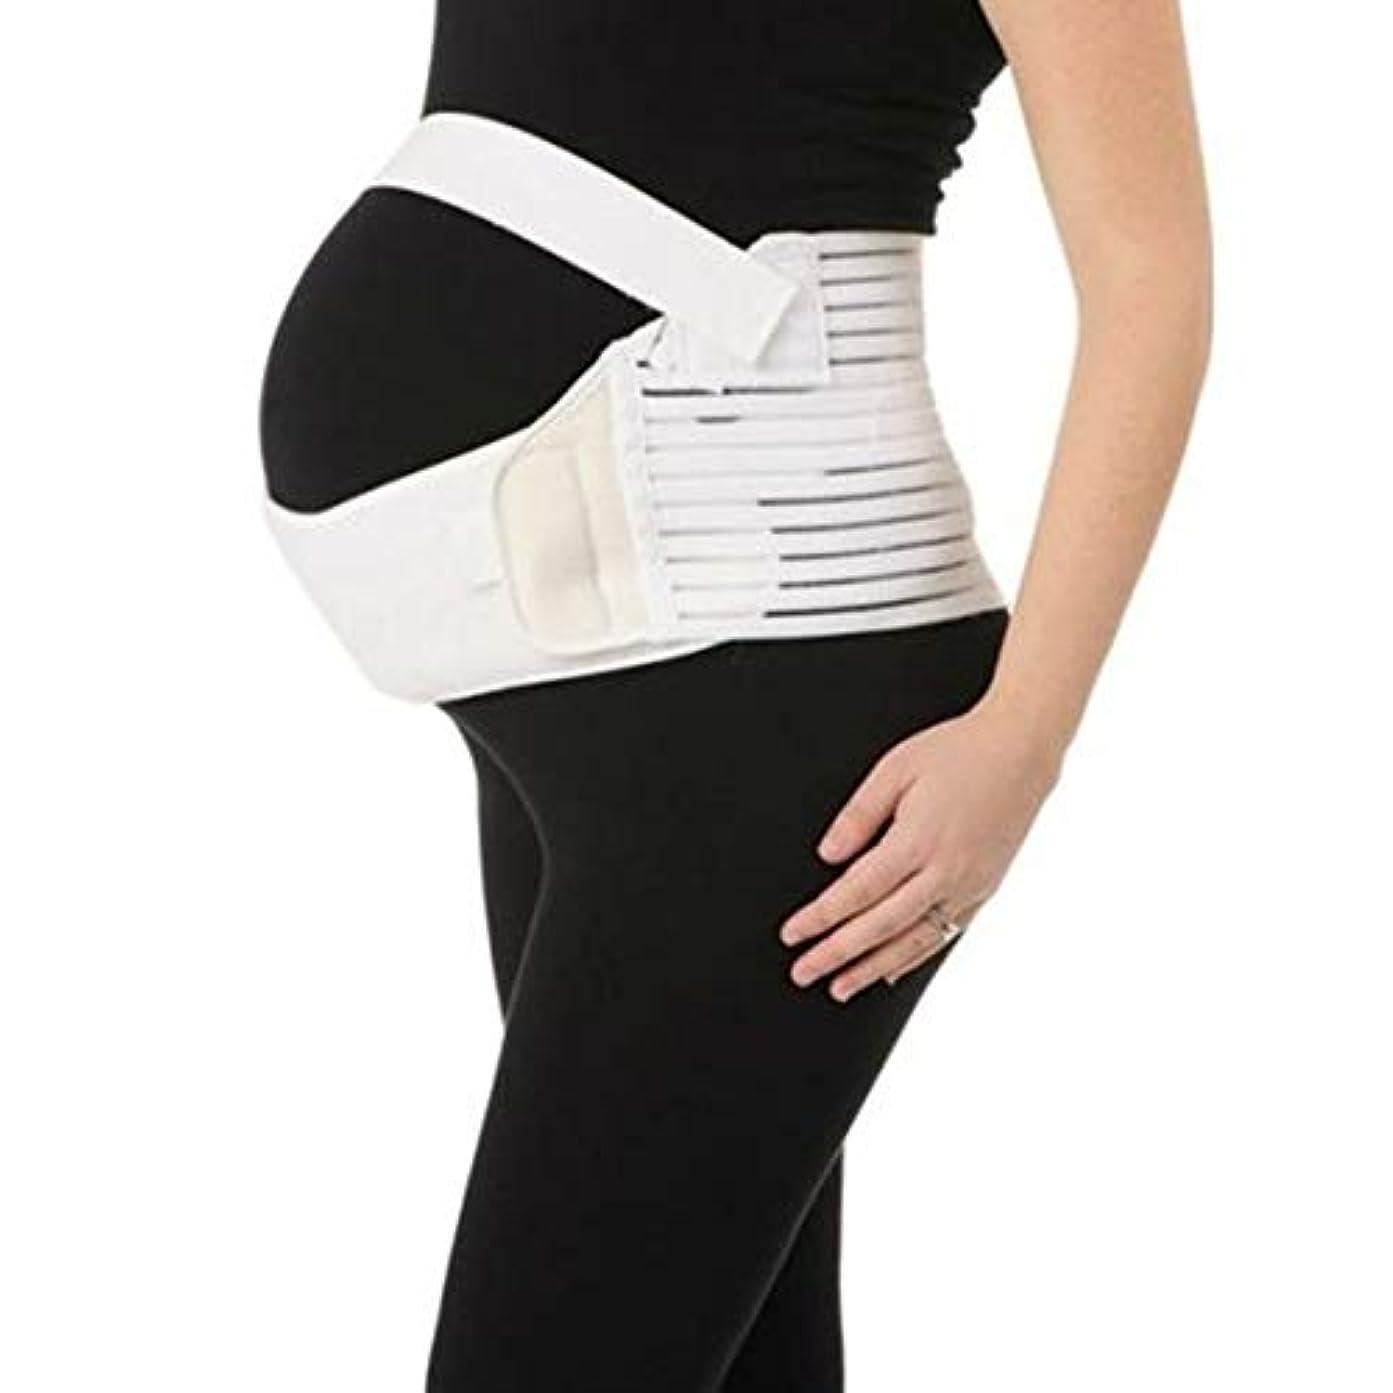 貼り直す詐欺バイパス通気性マタニティベルト妊娠腹部サポート腹部バインダーガードル運動包帯産後の回復shapewear - ホワイトL